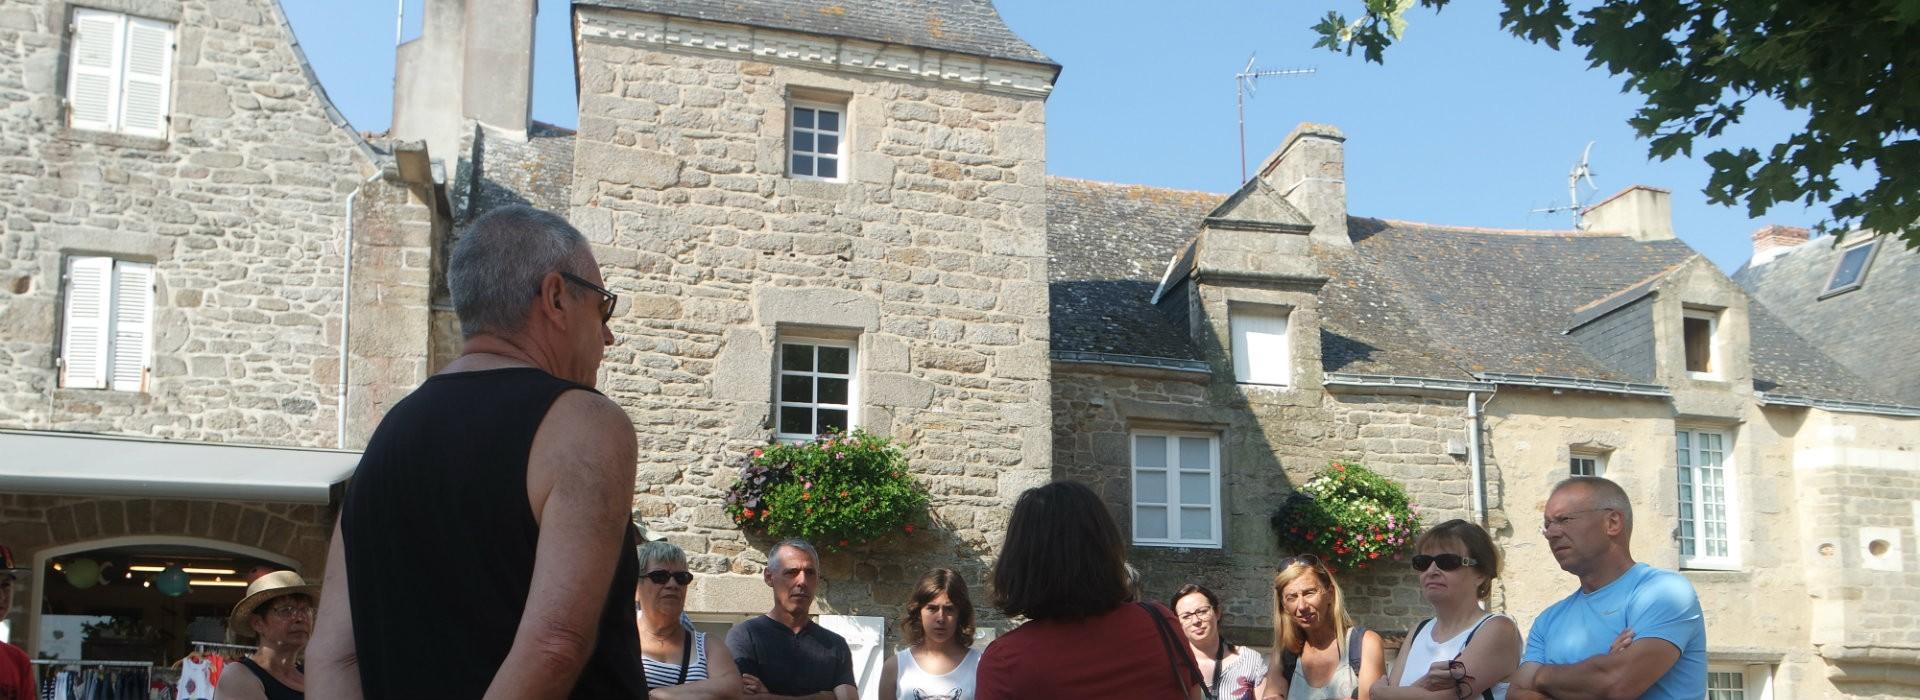 Visites guidées ou accompagnées - OTI La Baule Presqu'île de Guérande